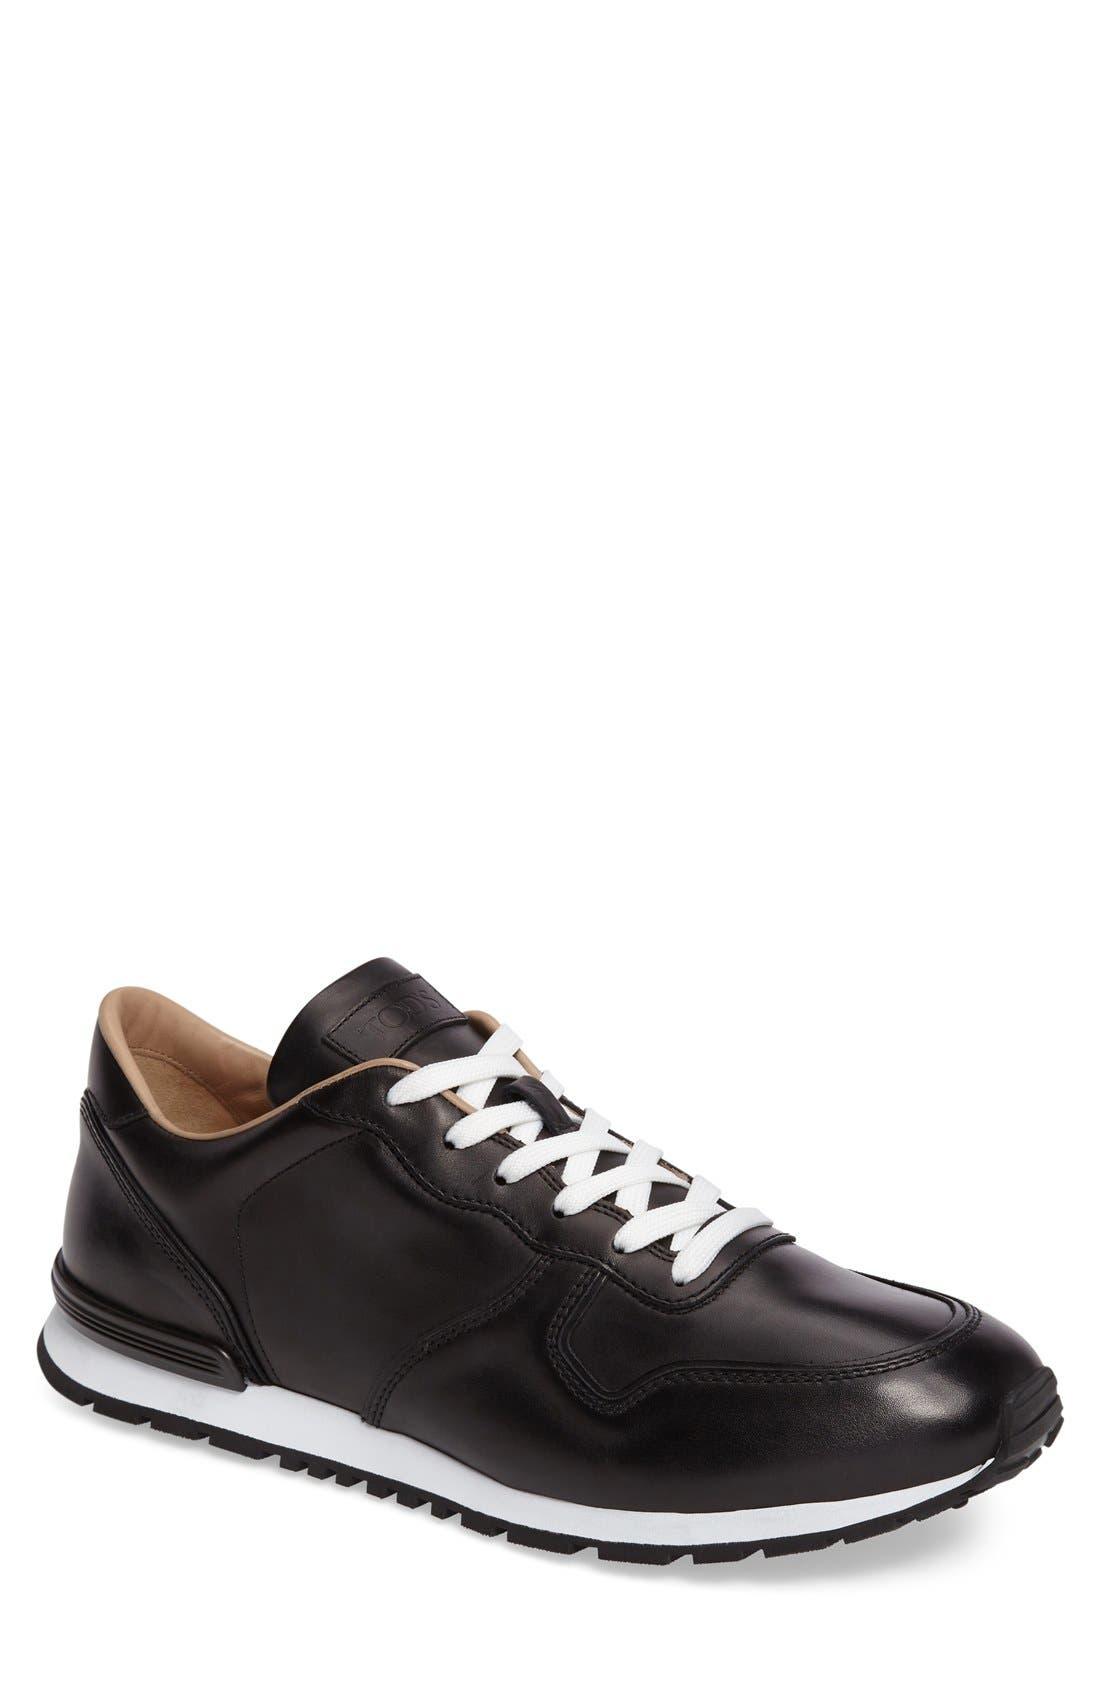 'Allacciato' Sneaker,                             Main thumbnail 1, color,                             001